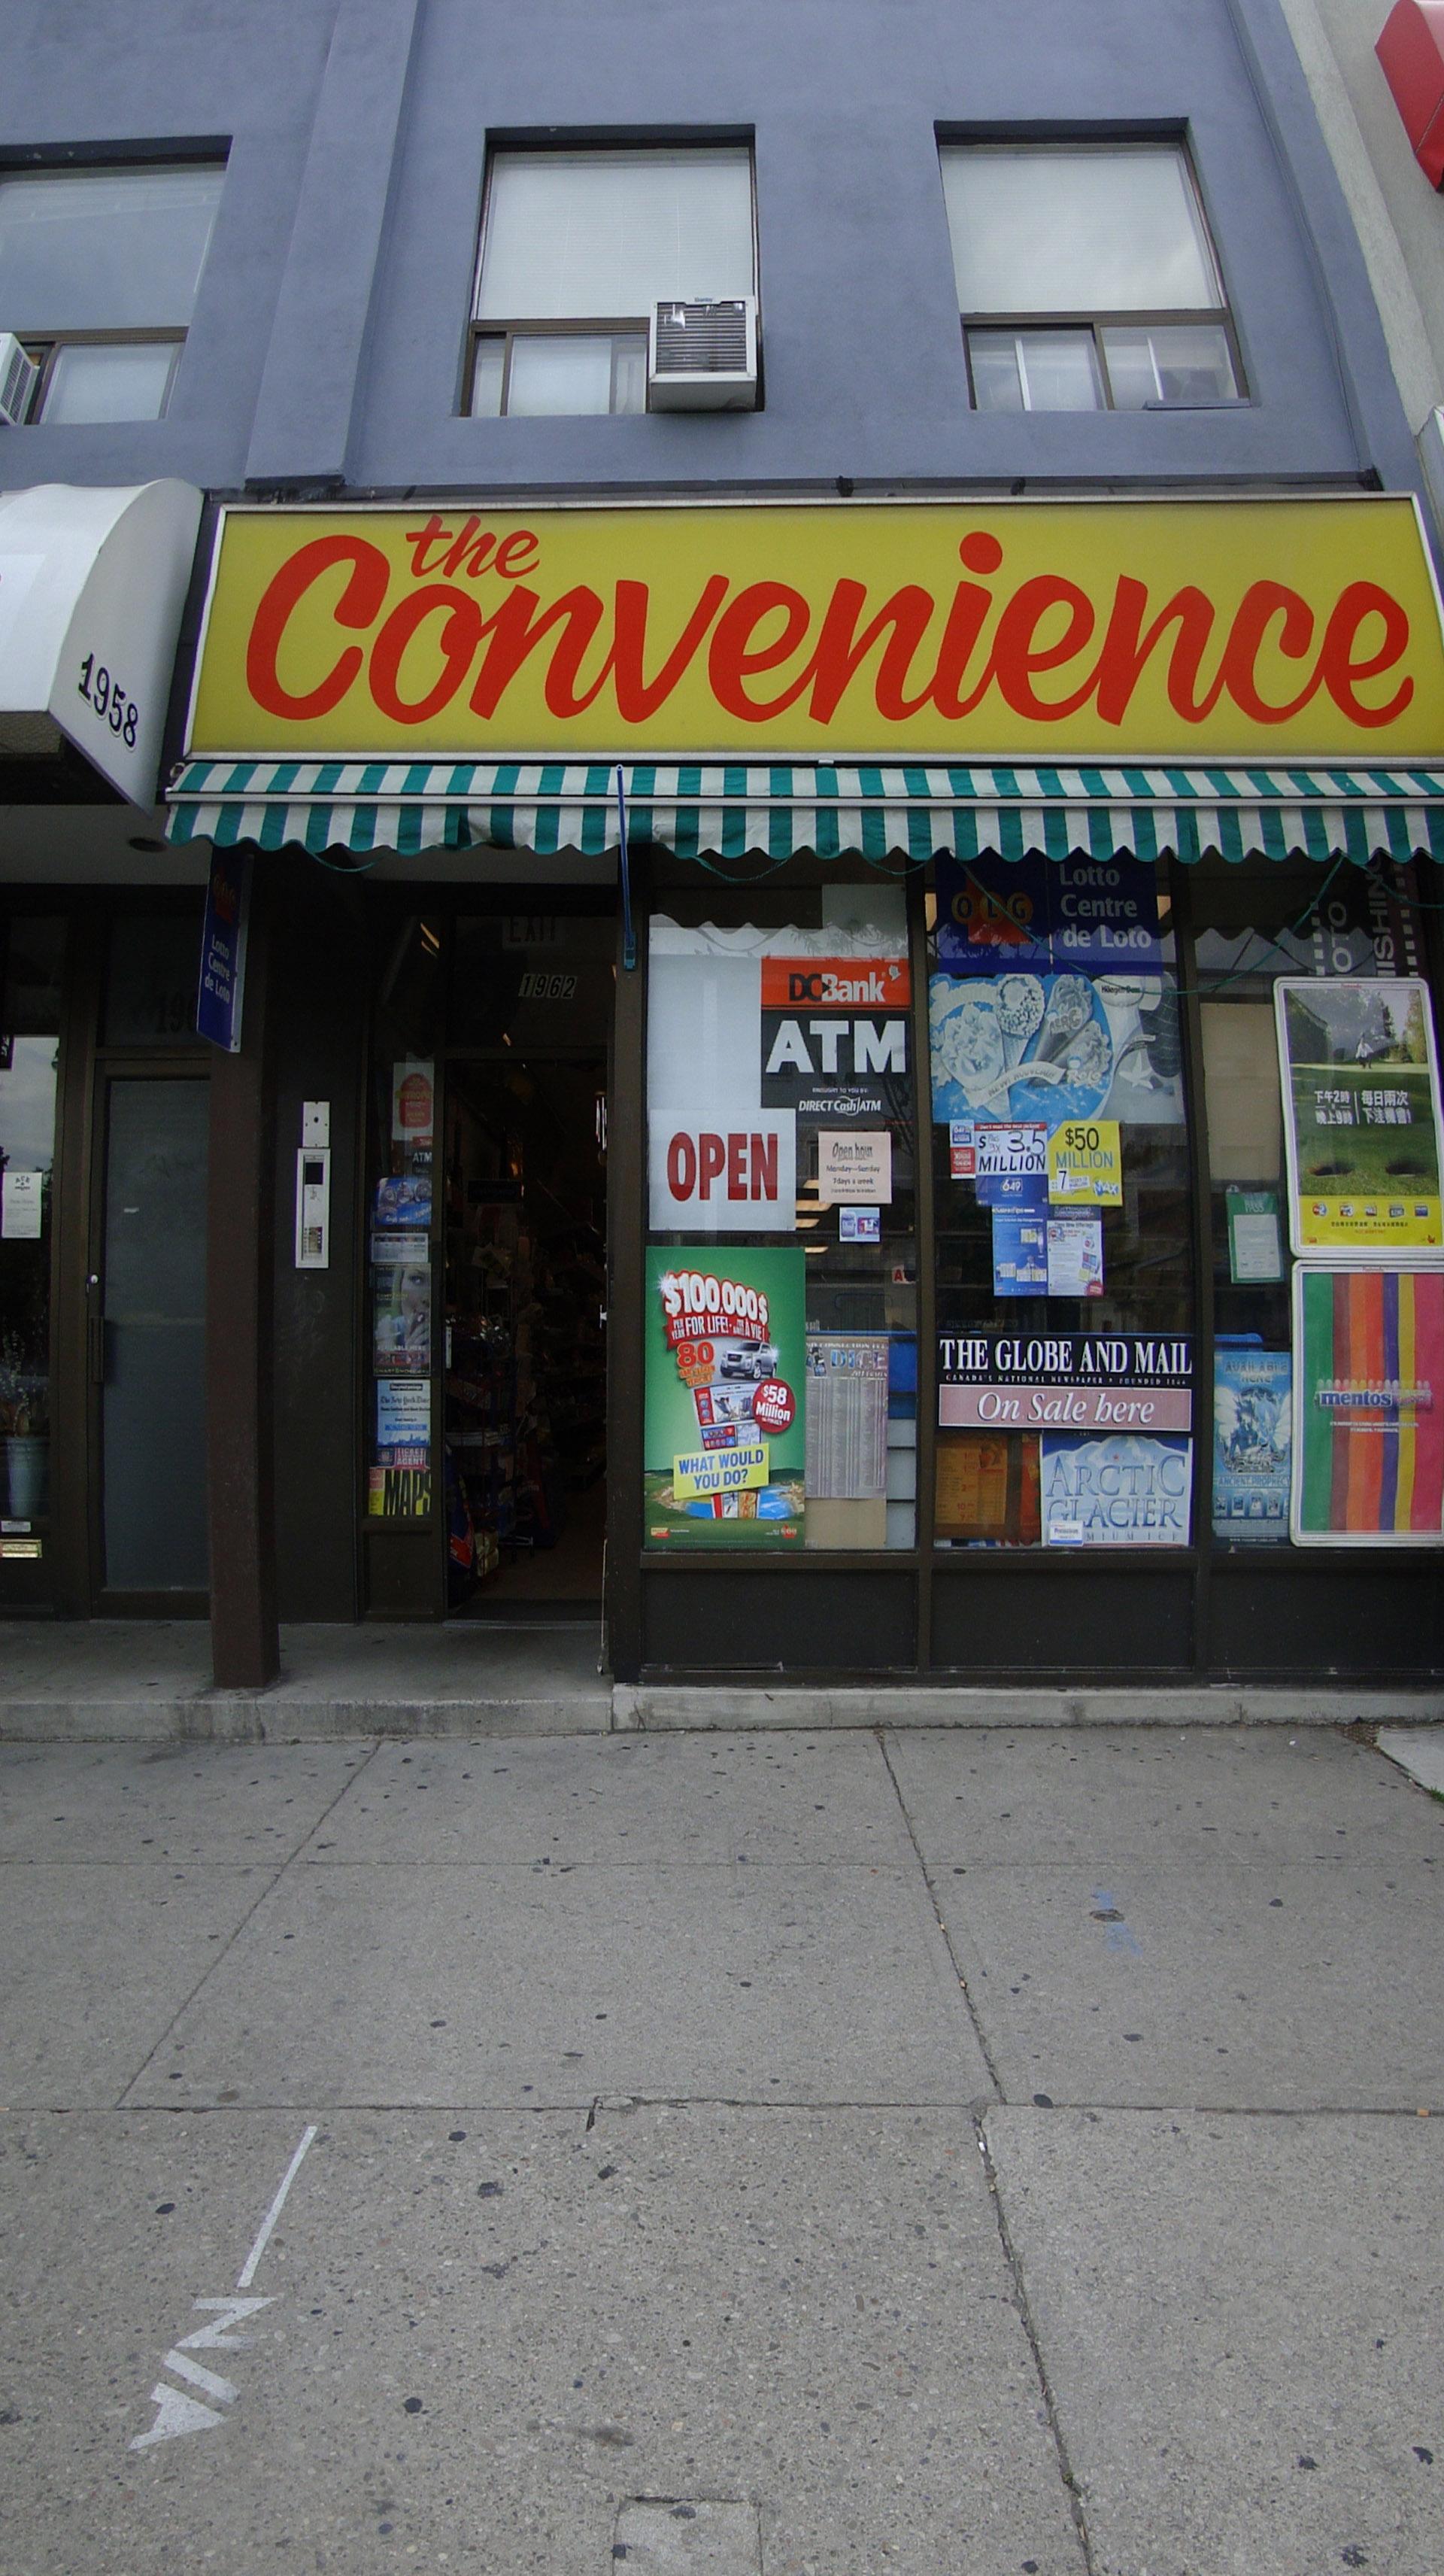 16Convenience.jpg